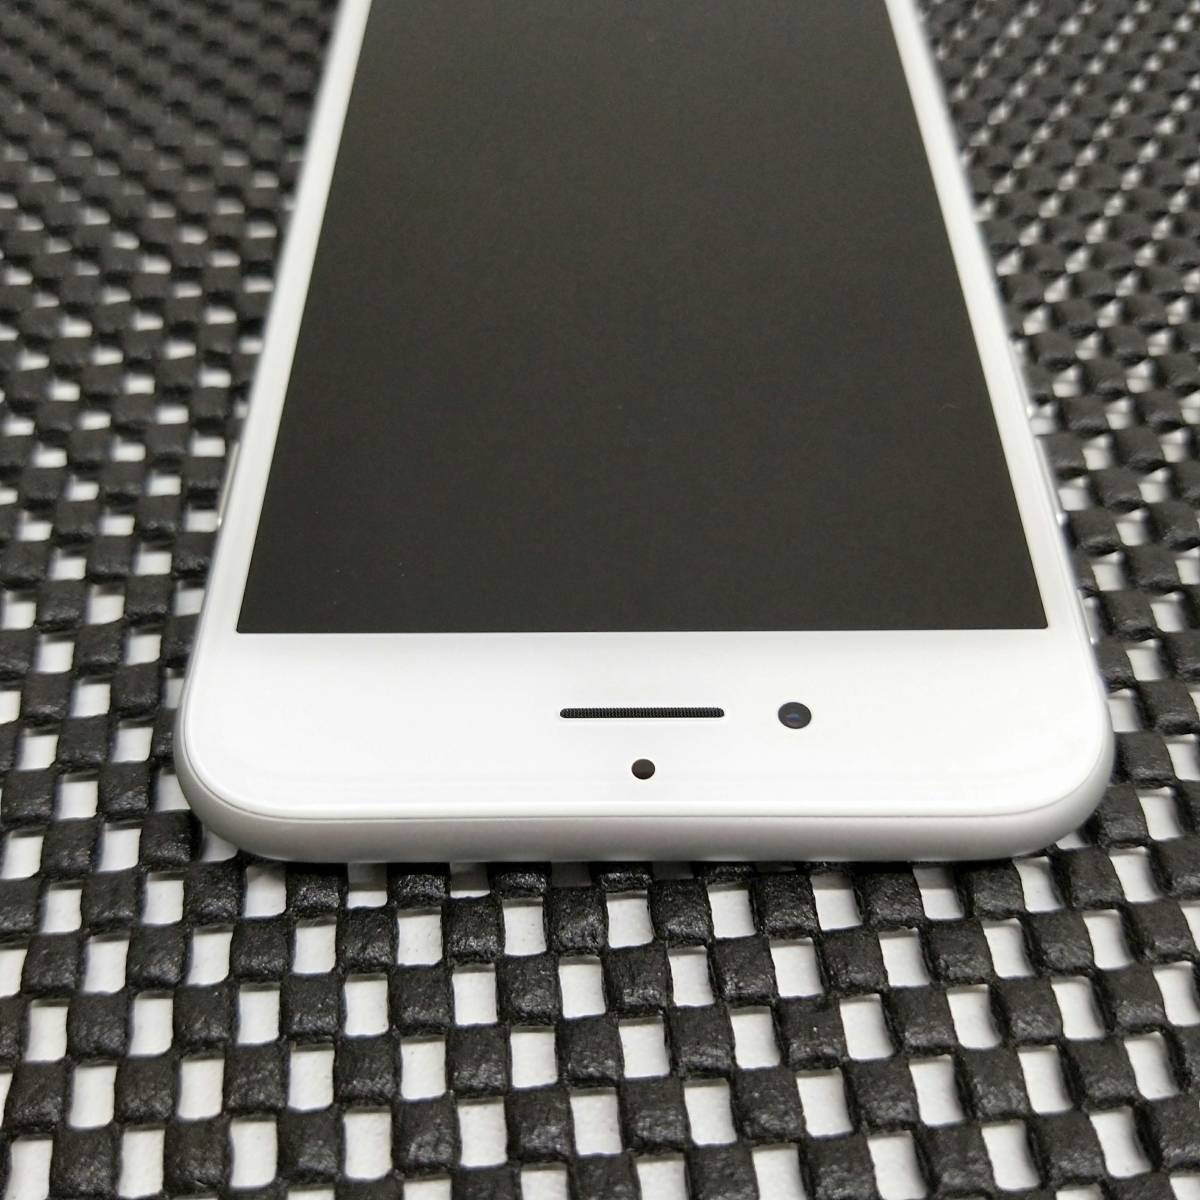 【未使用品】SB版 iPhone 7 32GB Silver <本体のみ> #063_画像4